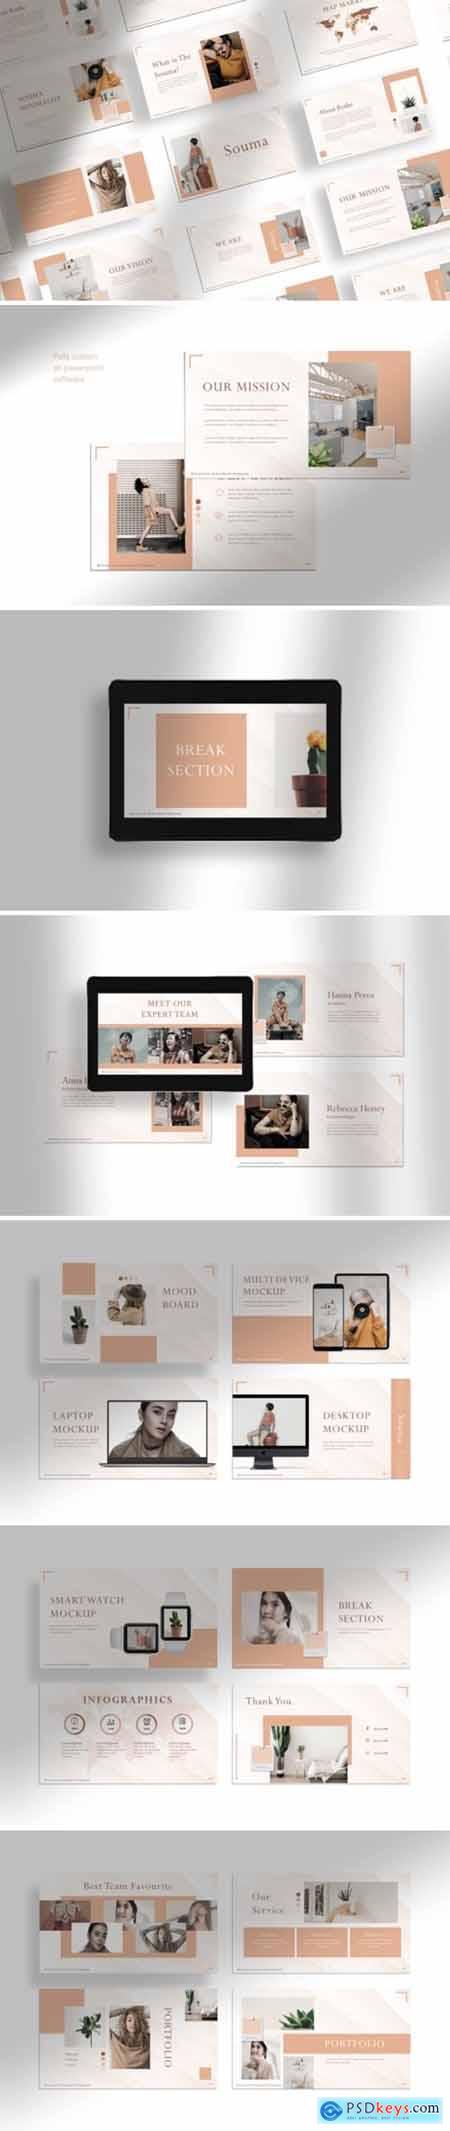 Souma - Presentation Template 3975849